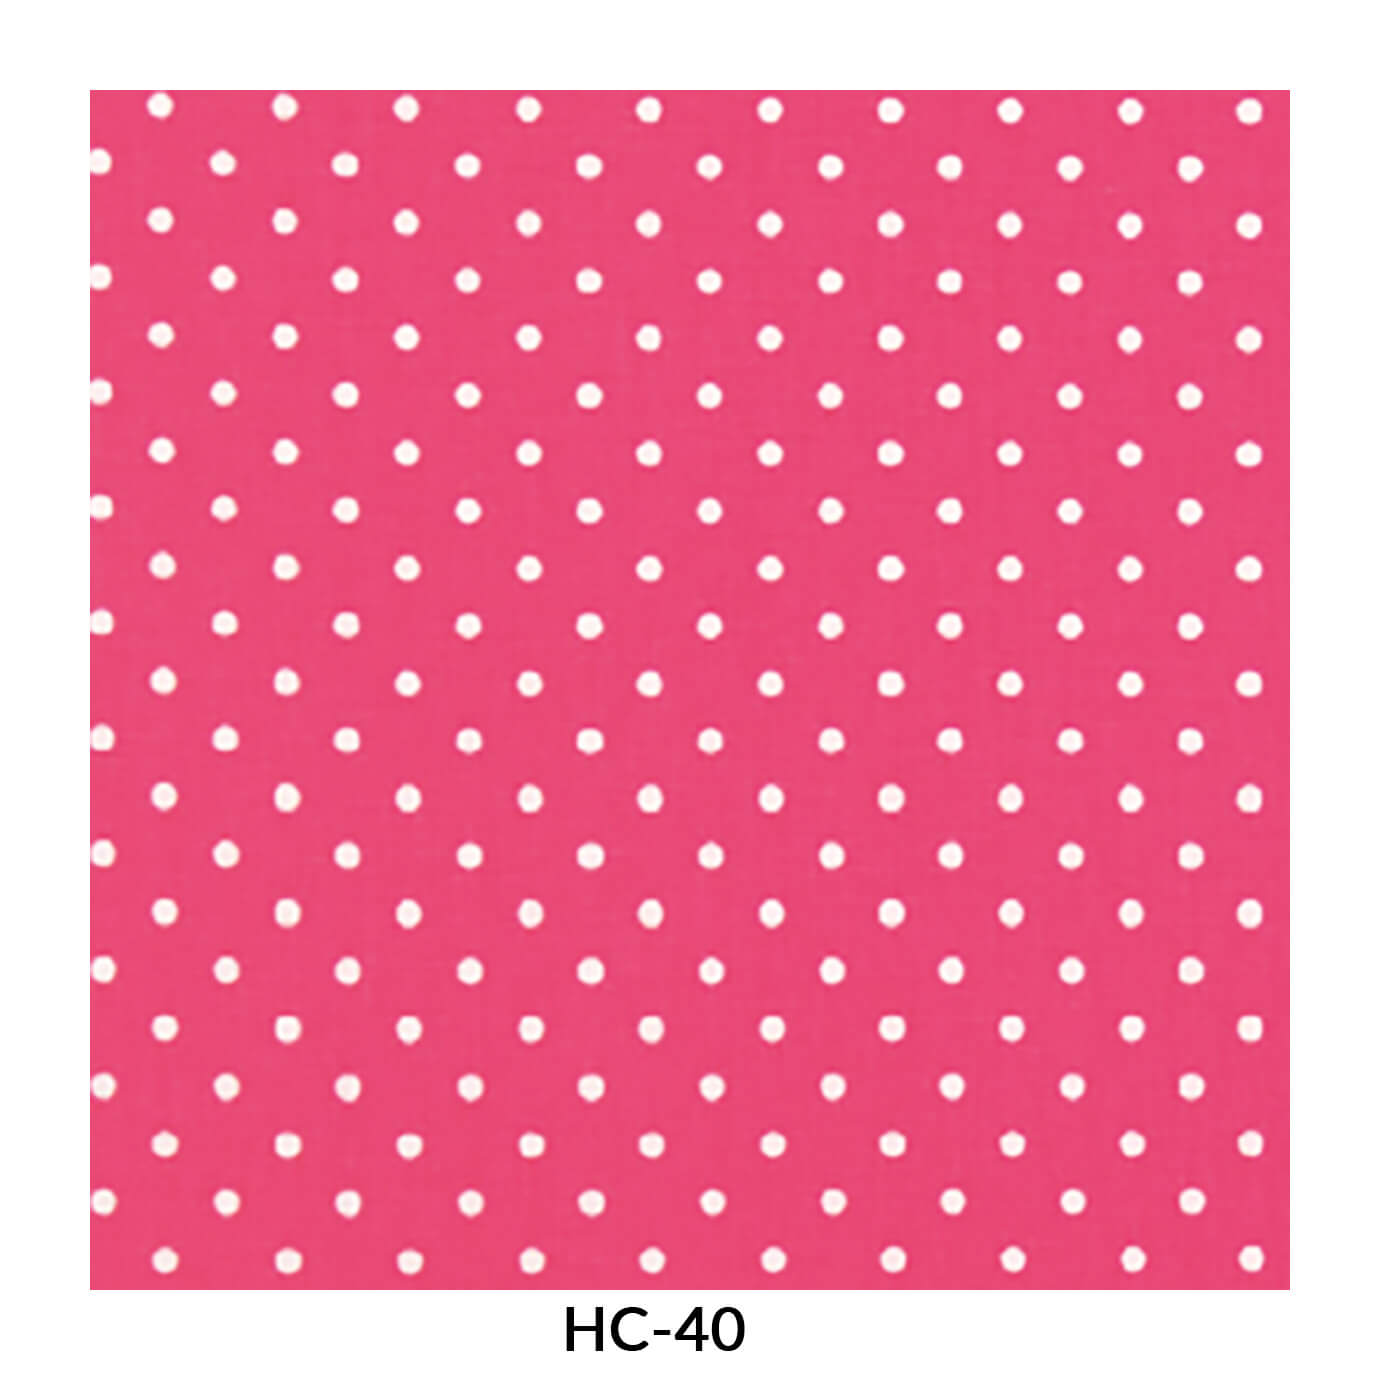 hc40.jpg